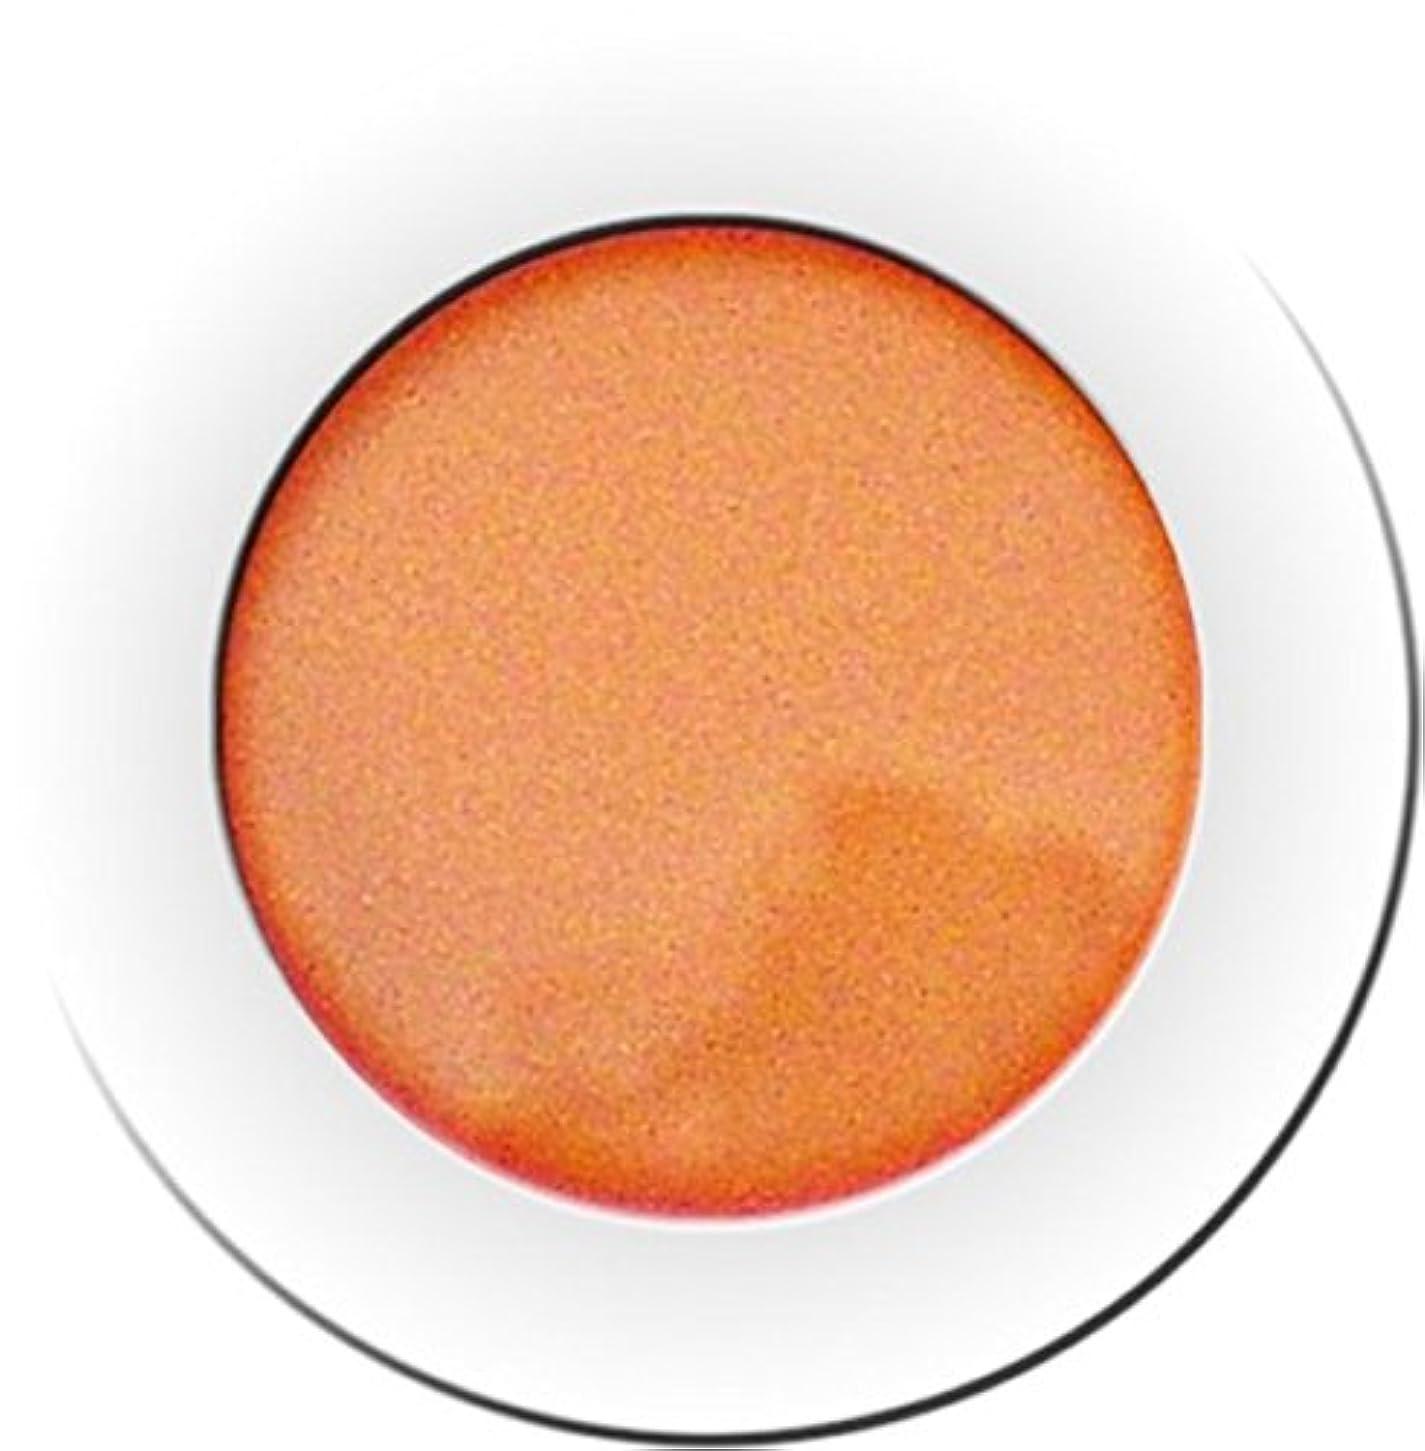 報酬のカエル中間カラーパウダー 7g ヘリウム